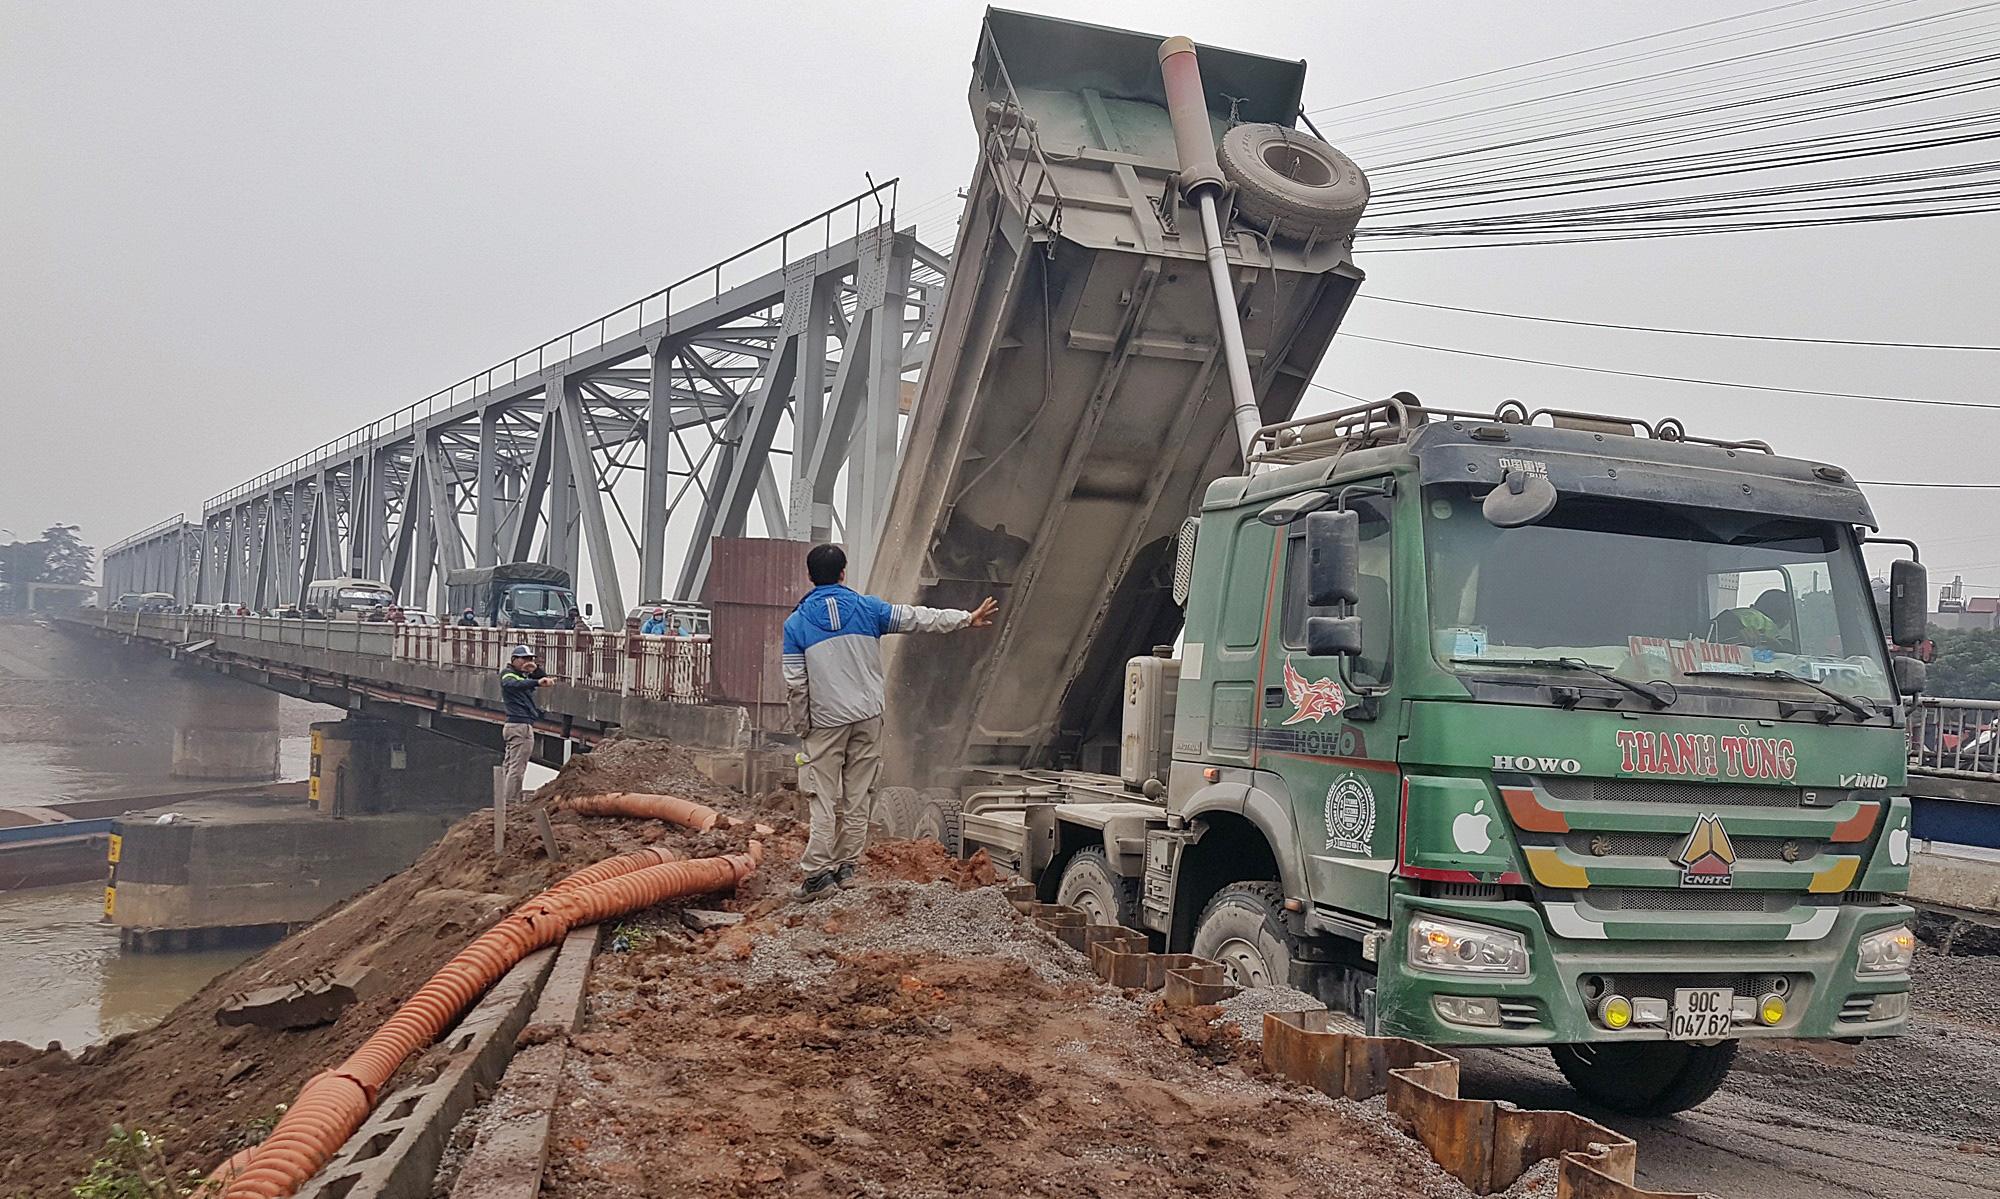 Cầu sẽ mở theo qui hoạch ở Hà Nội: Toàn cảnh vị trí làm cầu Đuống mới - Ảnh 13.